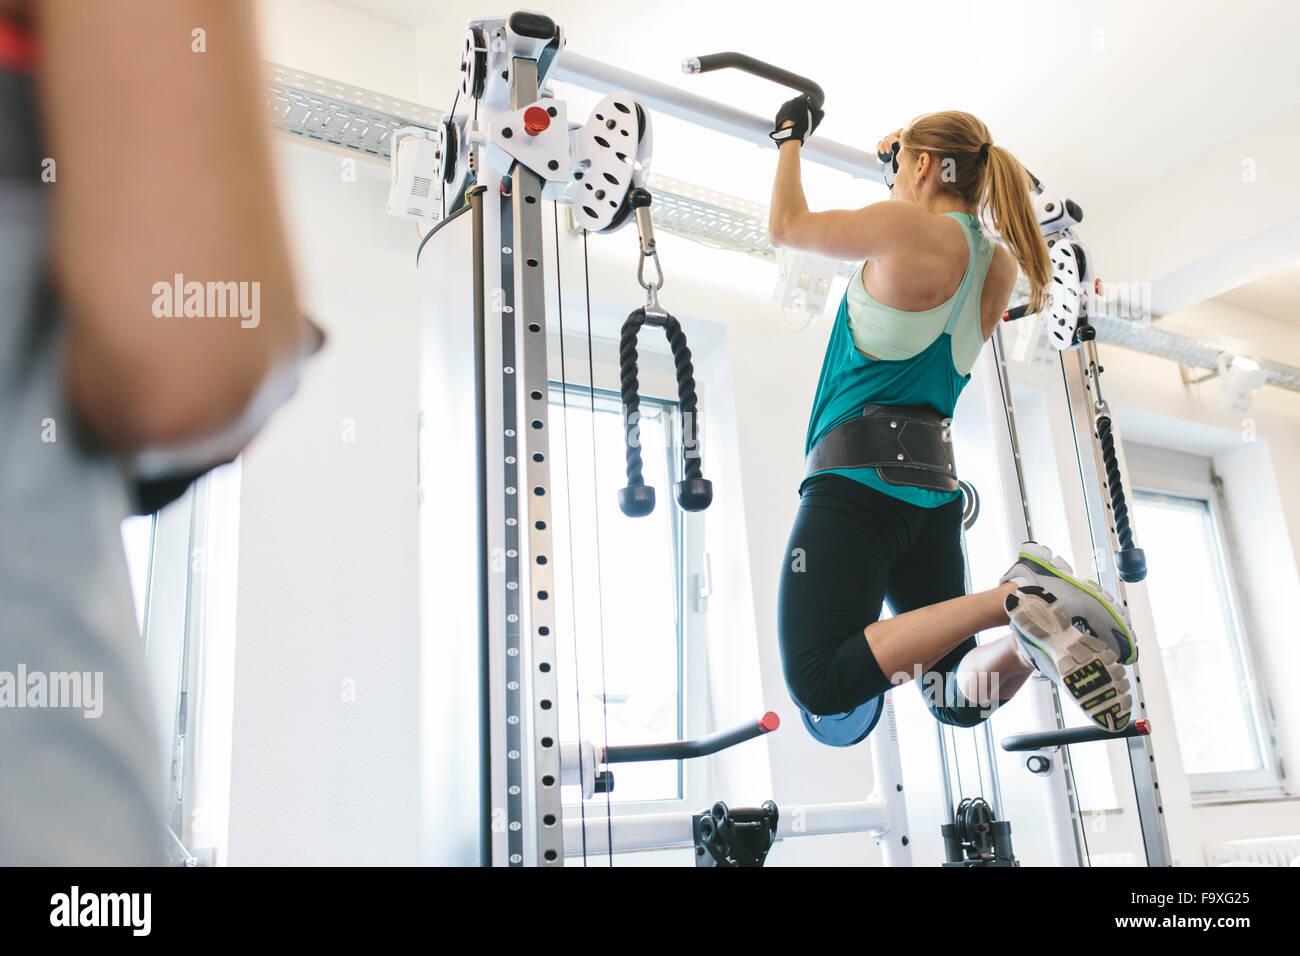 Frau macht Klimmzüge mit Gewichten im Fitnessstudio Stockbild